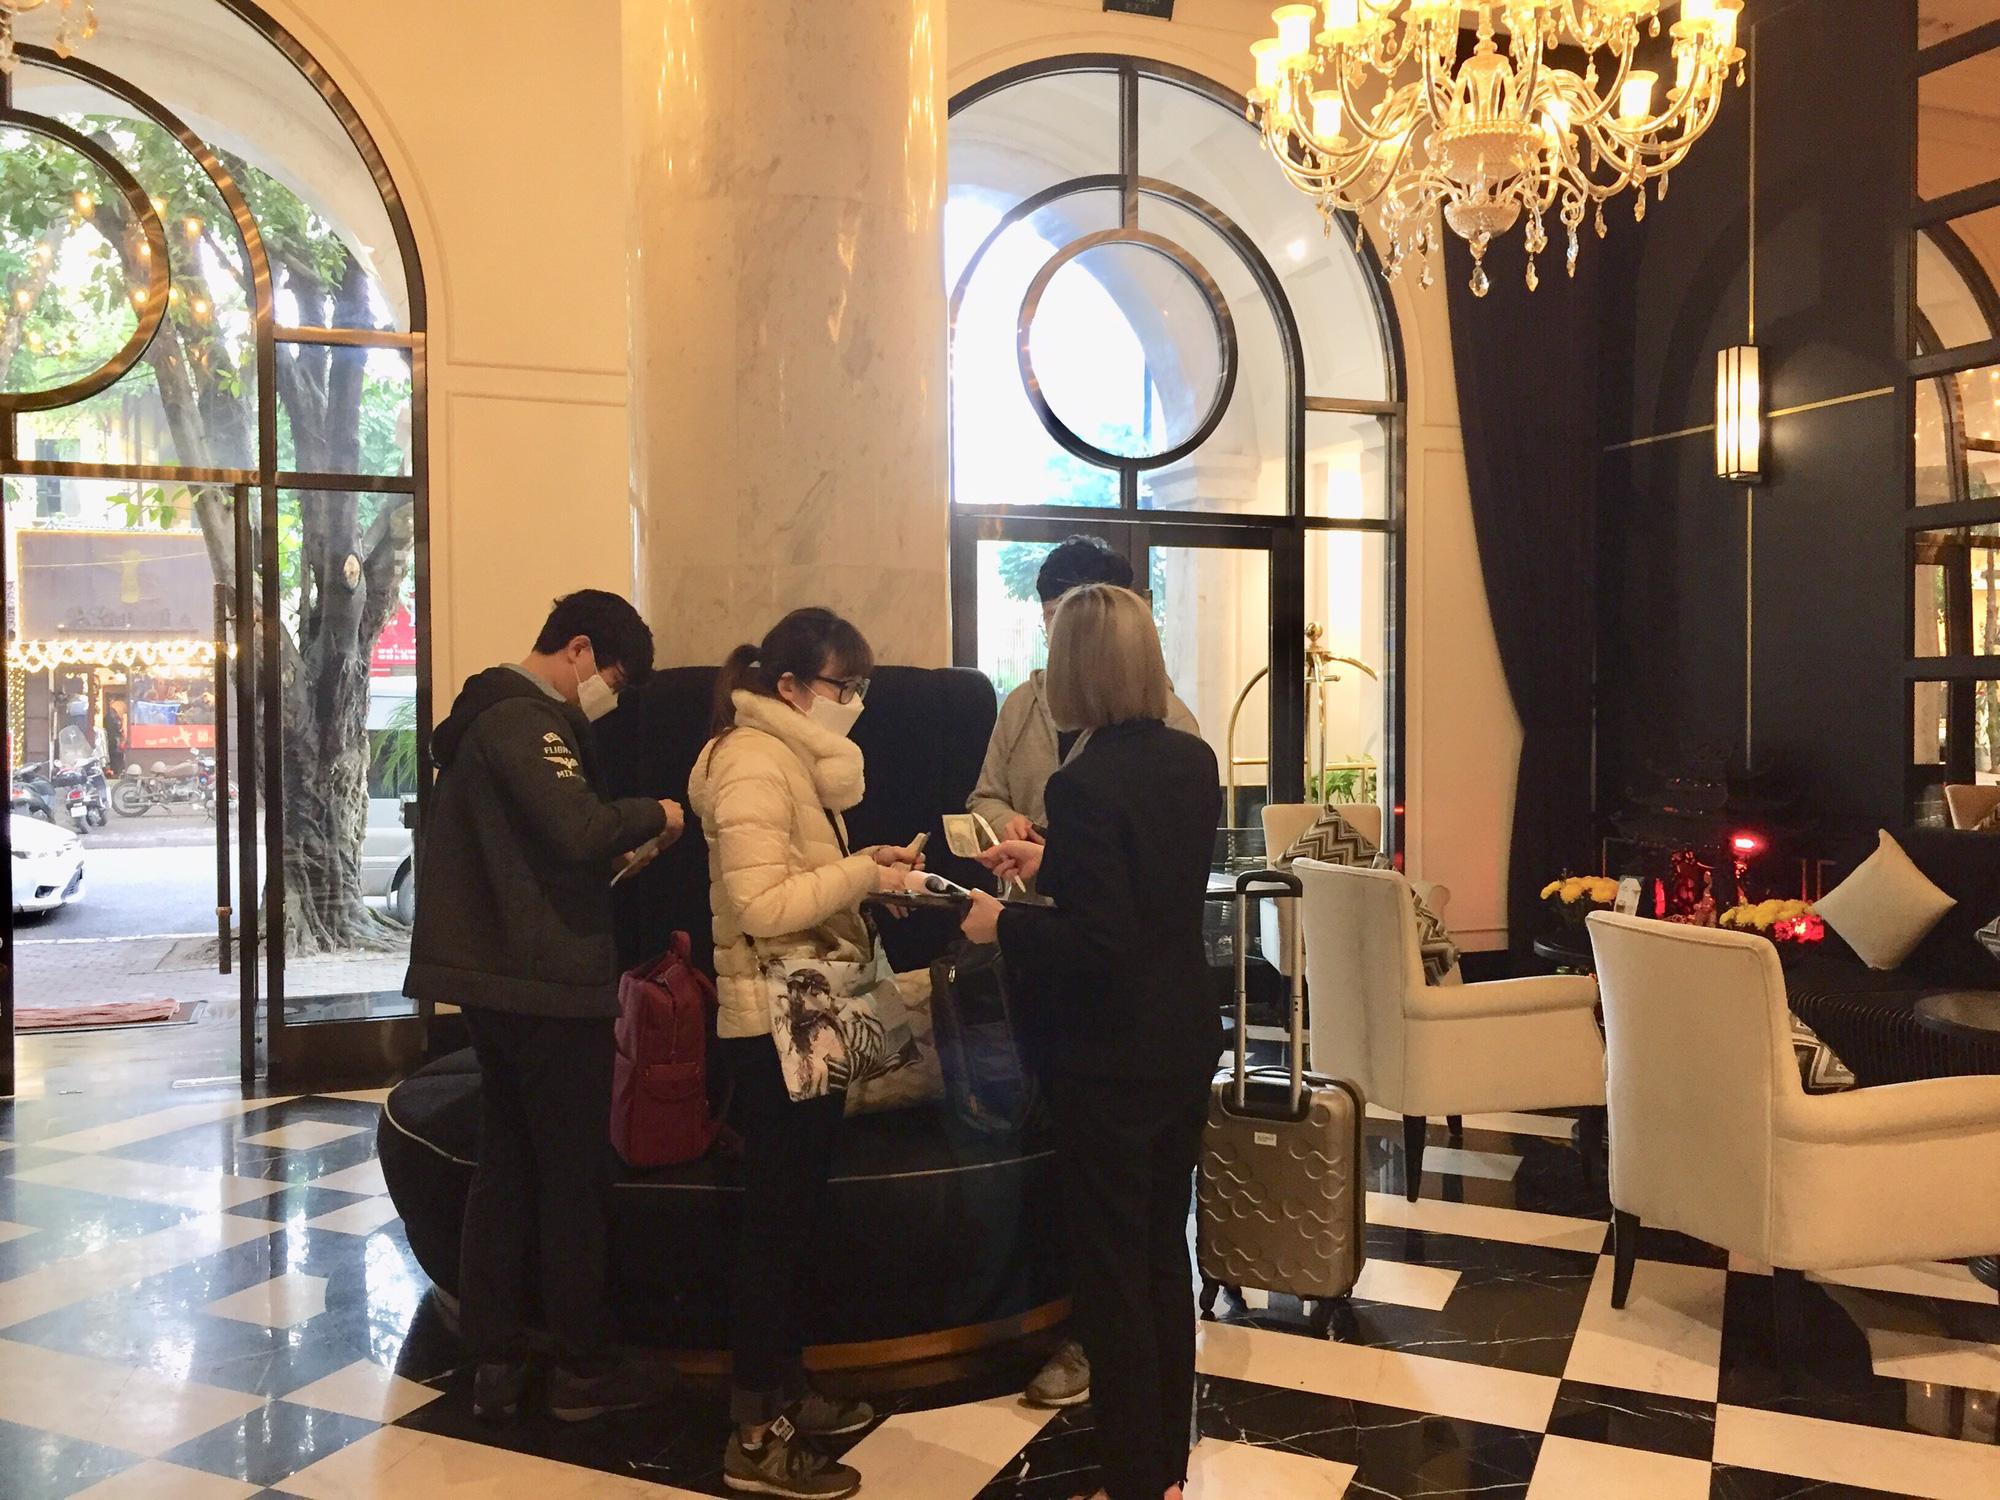 Những biện pháp phòng tránh dịch bệnh virus corona khi ở khách sạn - Ảnh 1.